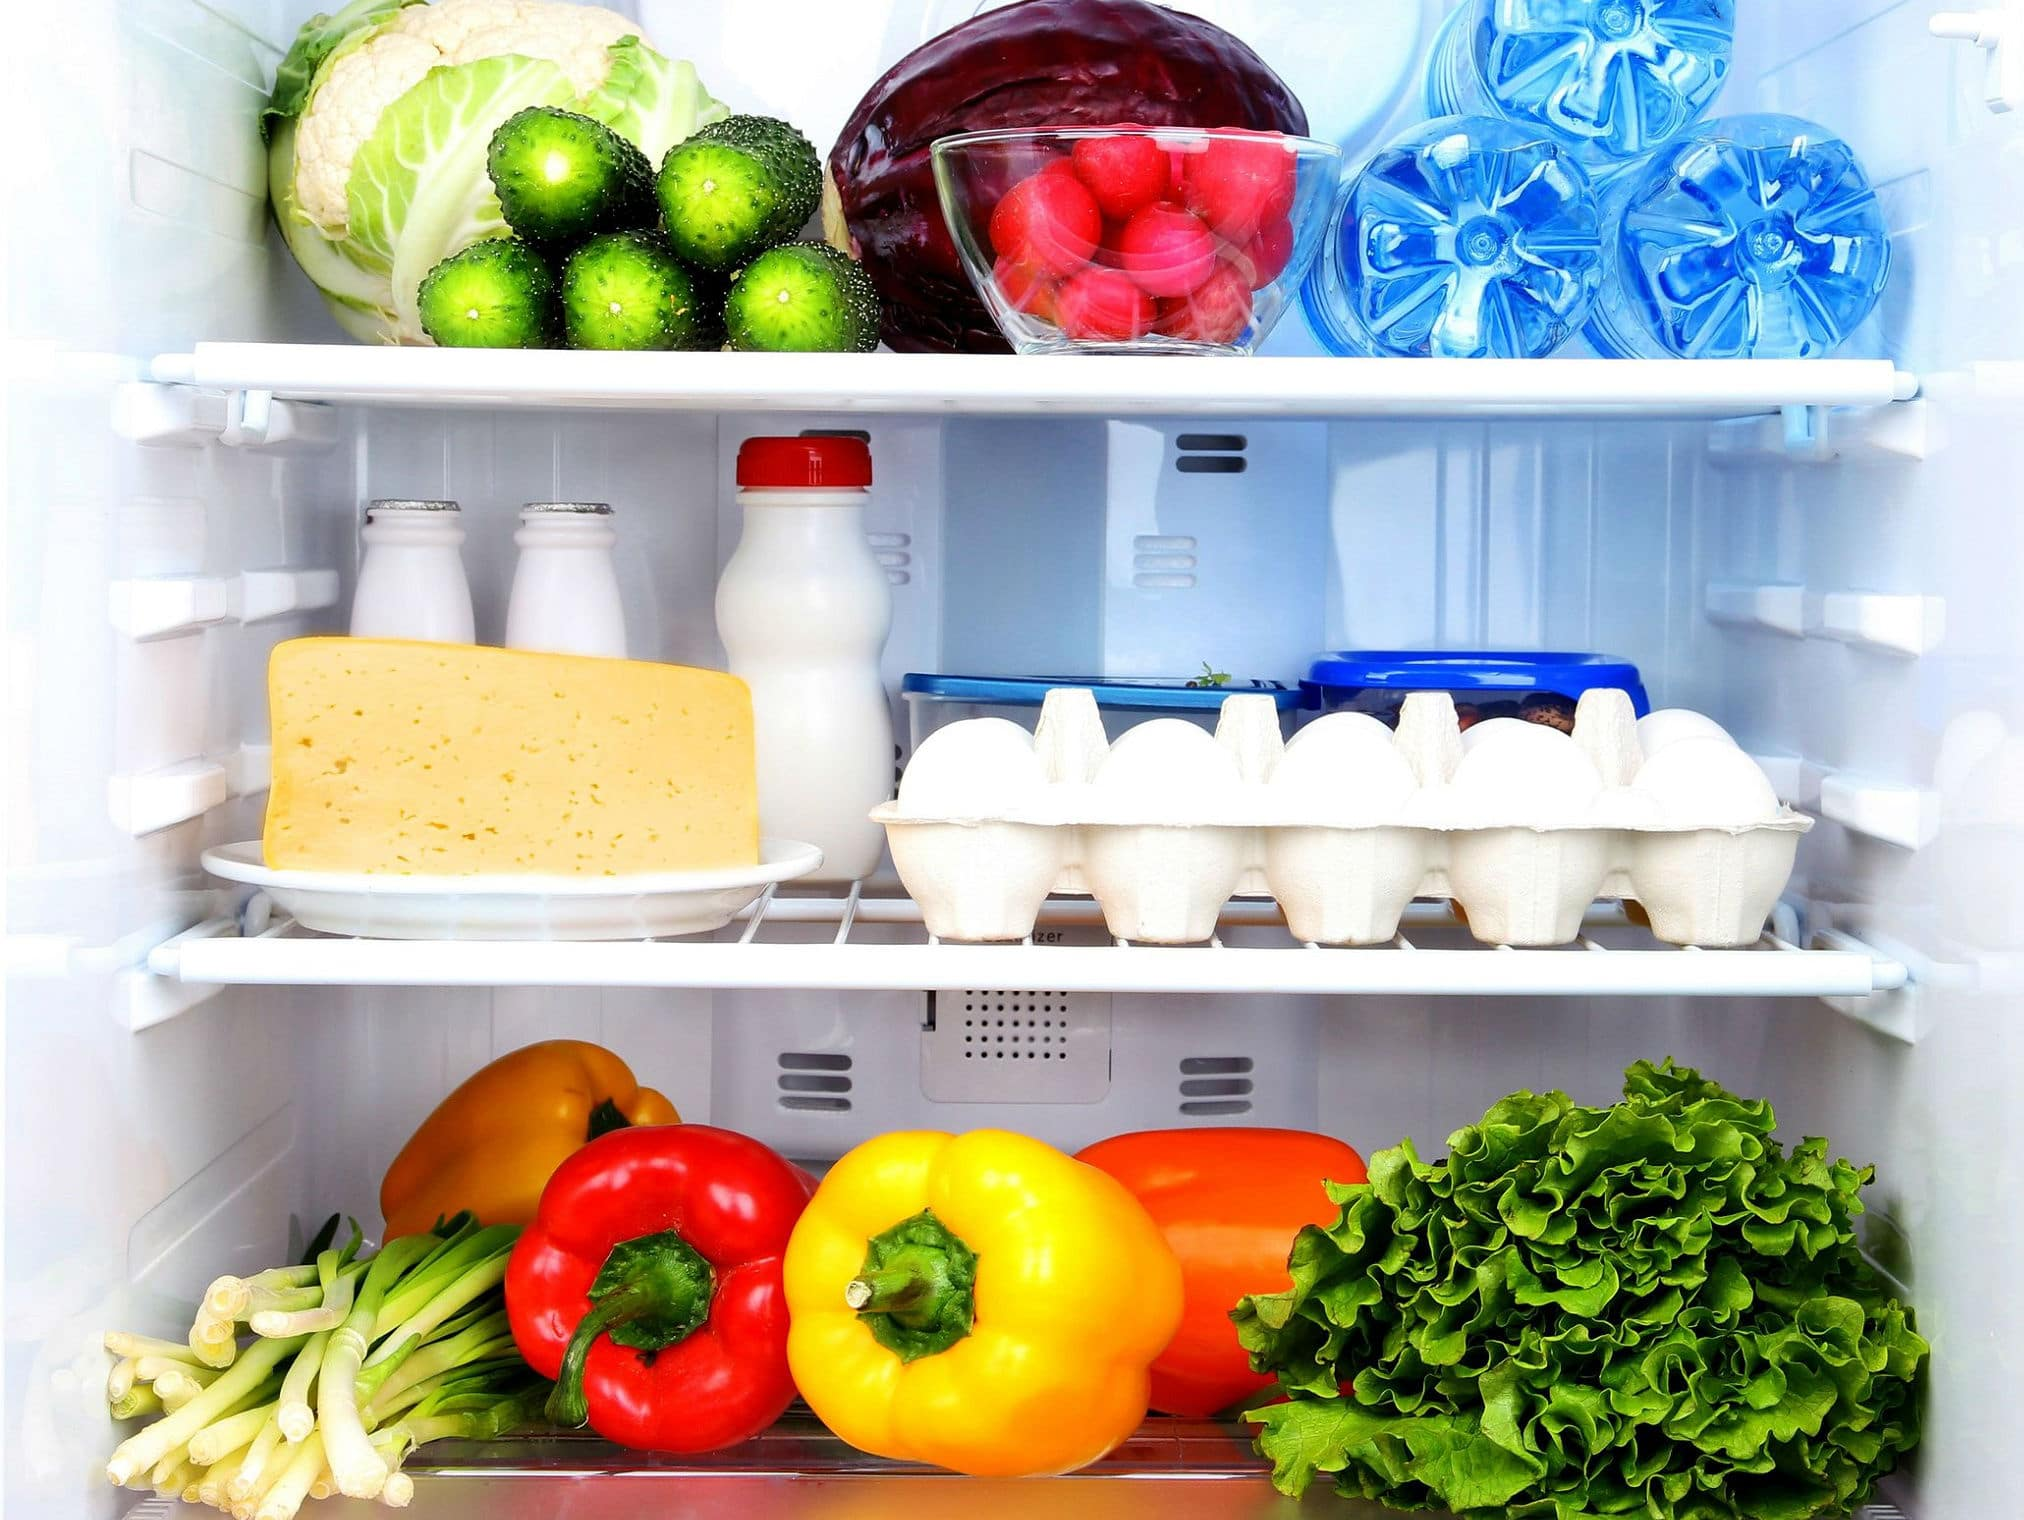 Gần Tết nhu cầu lắp đặt kho lạnh bảo quản rau quả càng tăng cao. Để bảo quản rau củ quả tươi lâu và không bị hỏng bán dịp Tết cần làm kho lạnh bảo quản